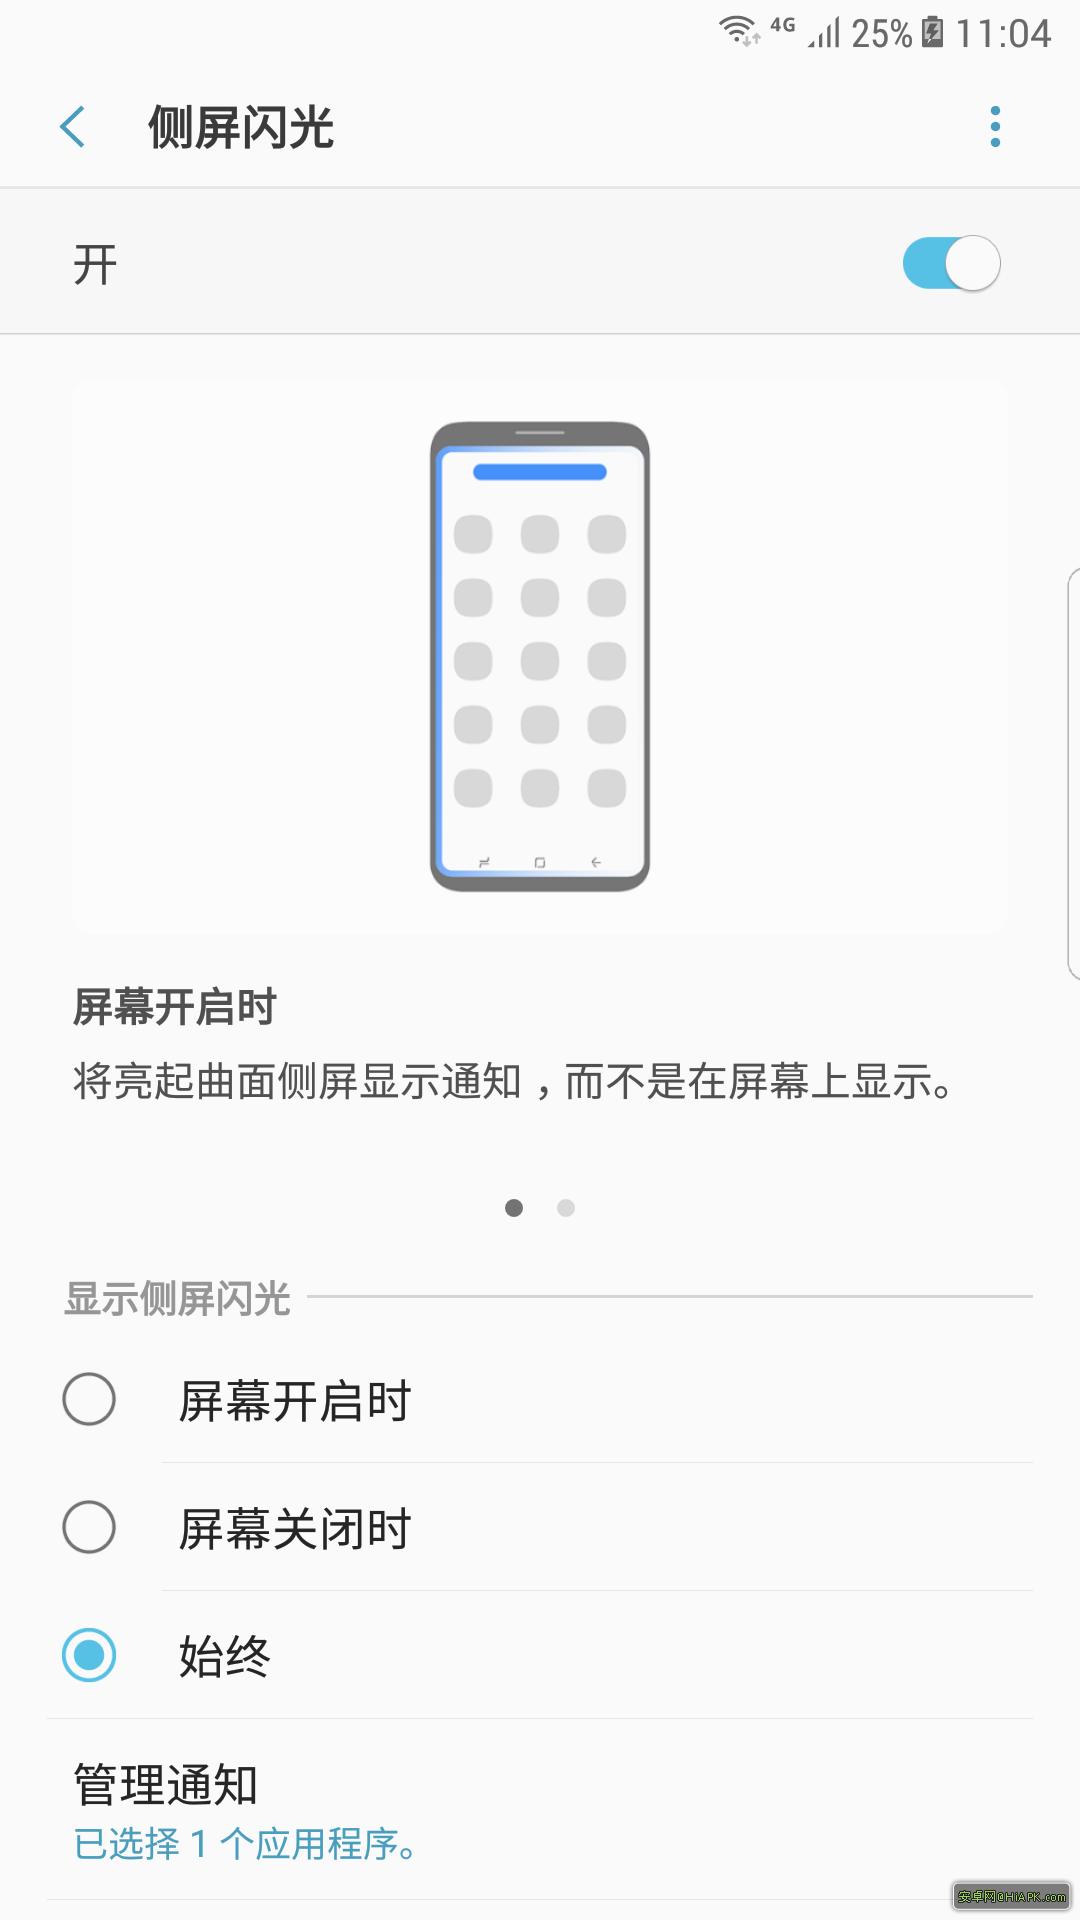 三星S6 edge+ G9280 Android 7.0固件 v2.0 刷机包下载插图3